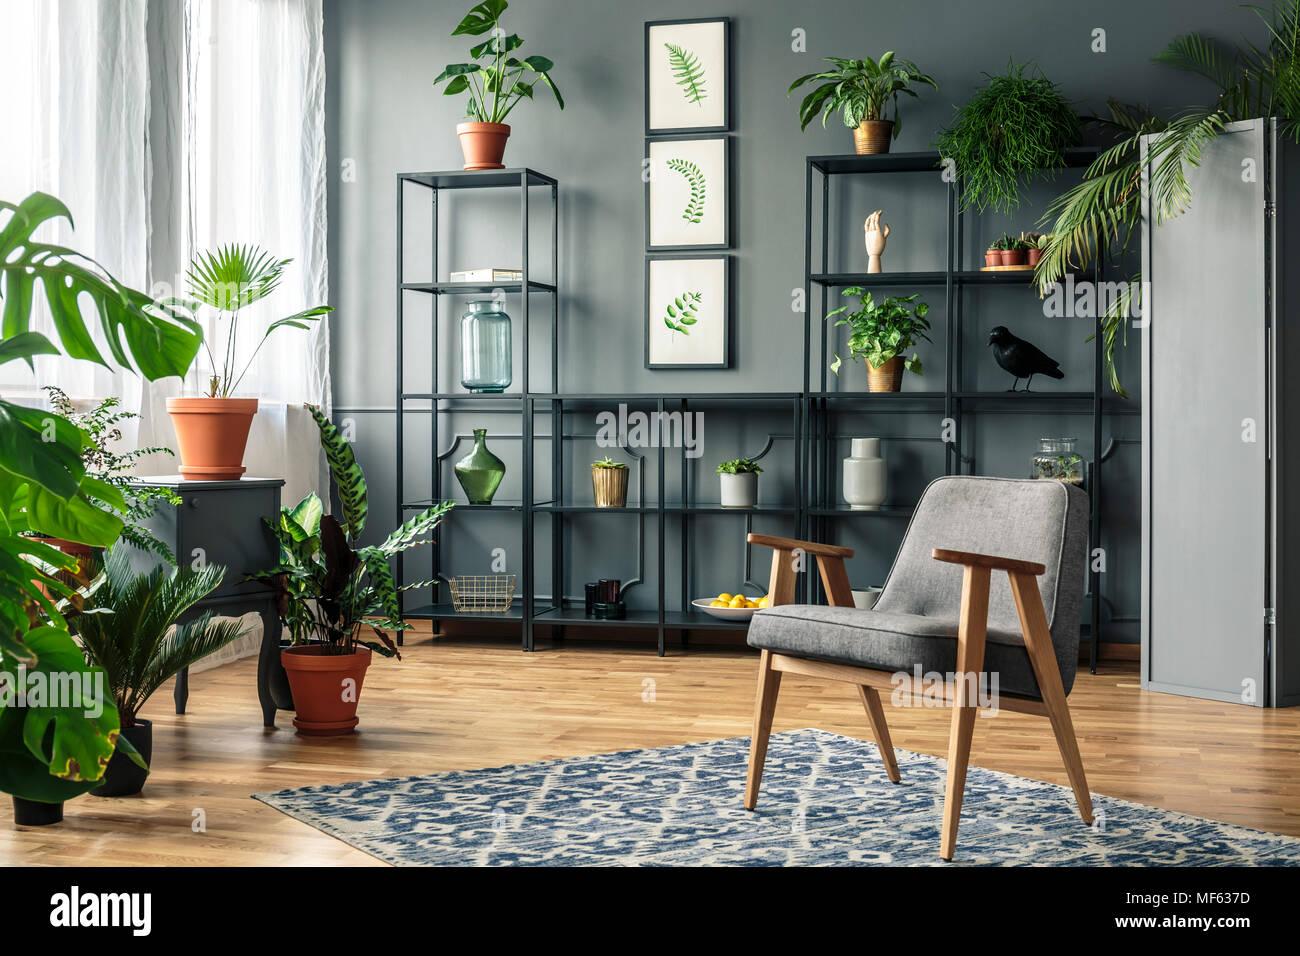 Elegante Grau Wohnzimmer Einrichtung Mit Pflanzen Auf Metallregale